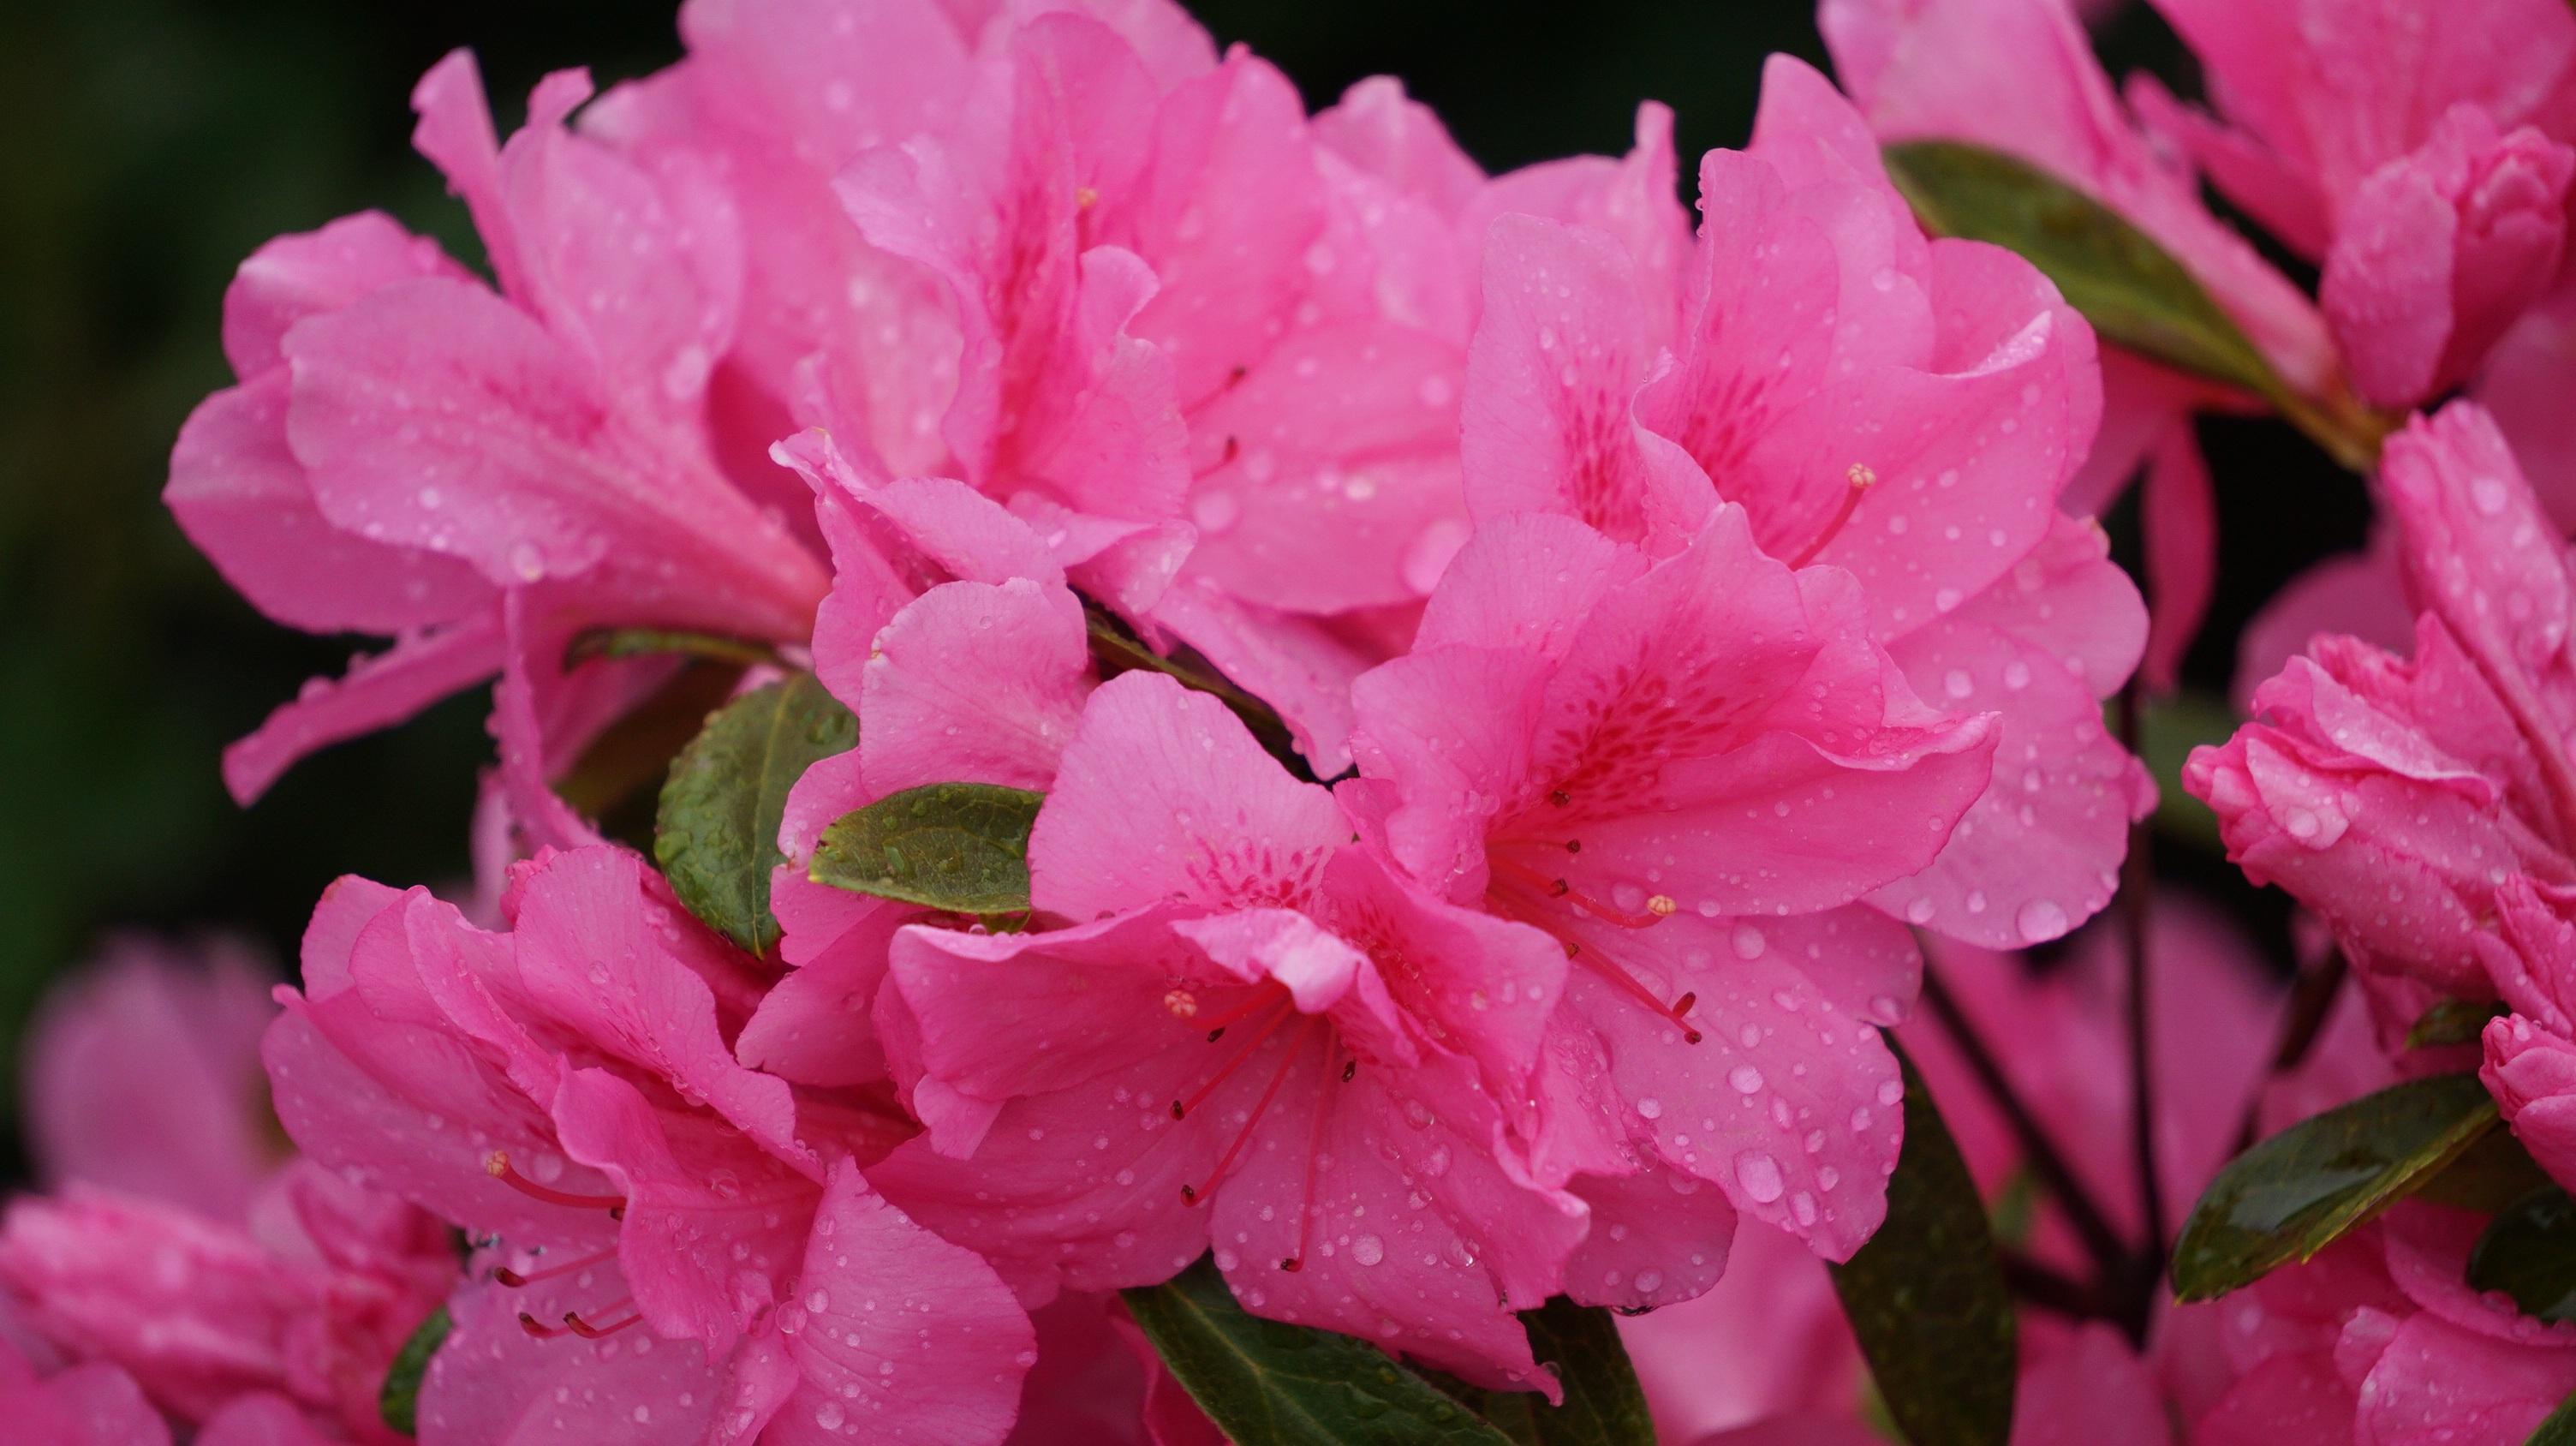 Free Images Nature Blossom Petal Bouquet Flora Shrub